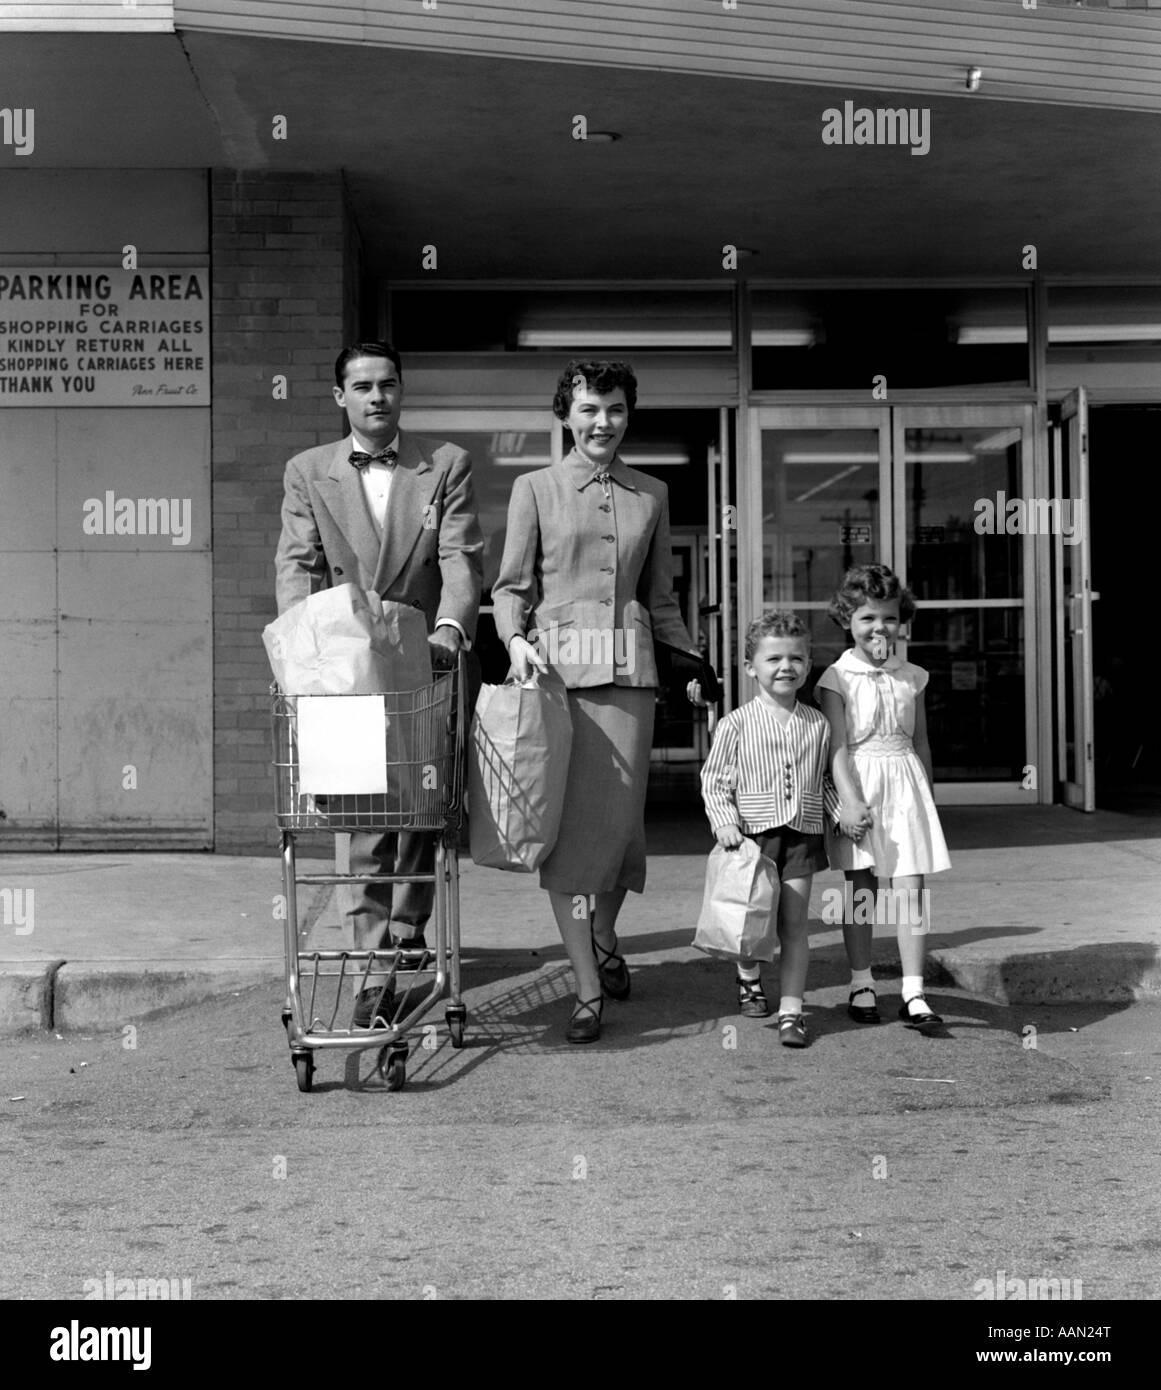 1950 FAMILLE HOMME FEMME Fille Garçon SORTANT DE SUPERMARCHÉ STORE SACS DE TRANSPORT, Mère et Fils Photo Stock